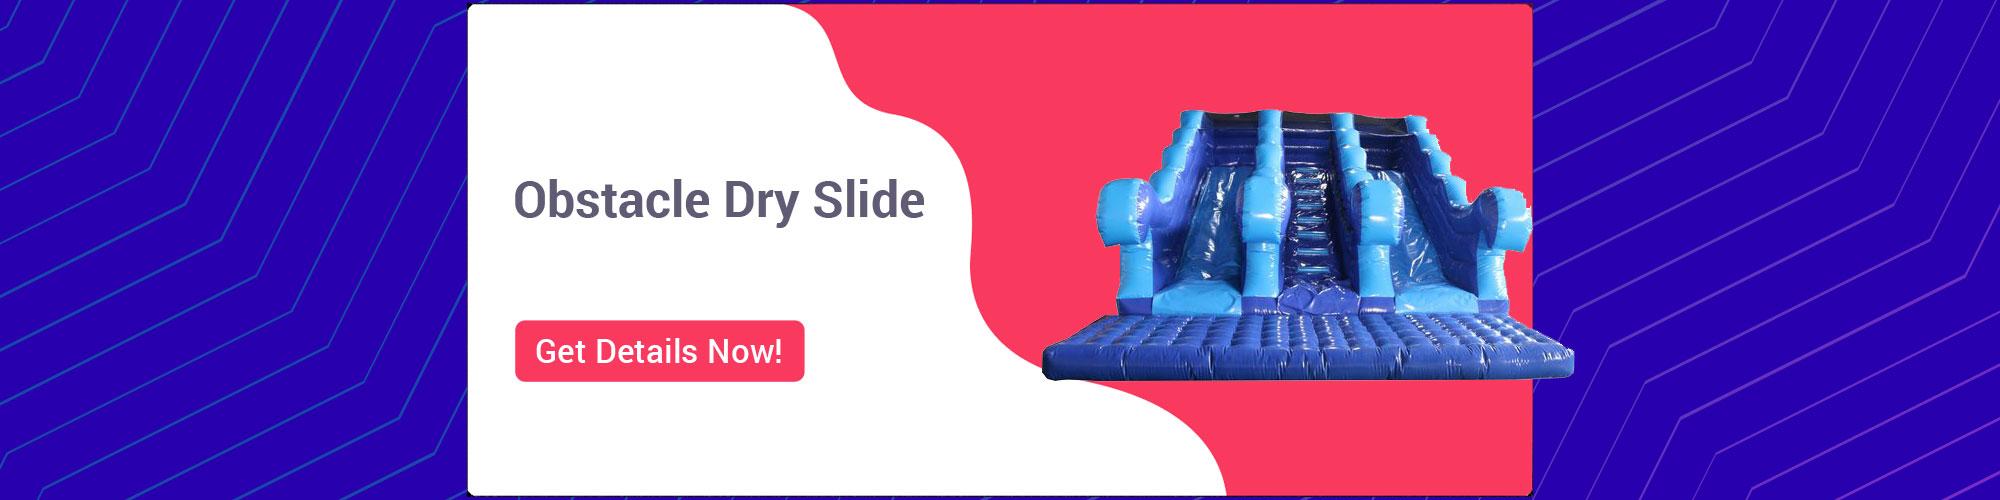 Obstacle Dry Slide